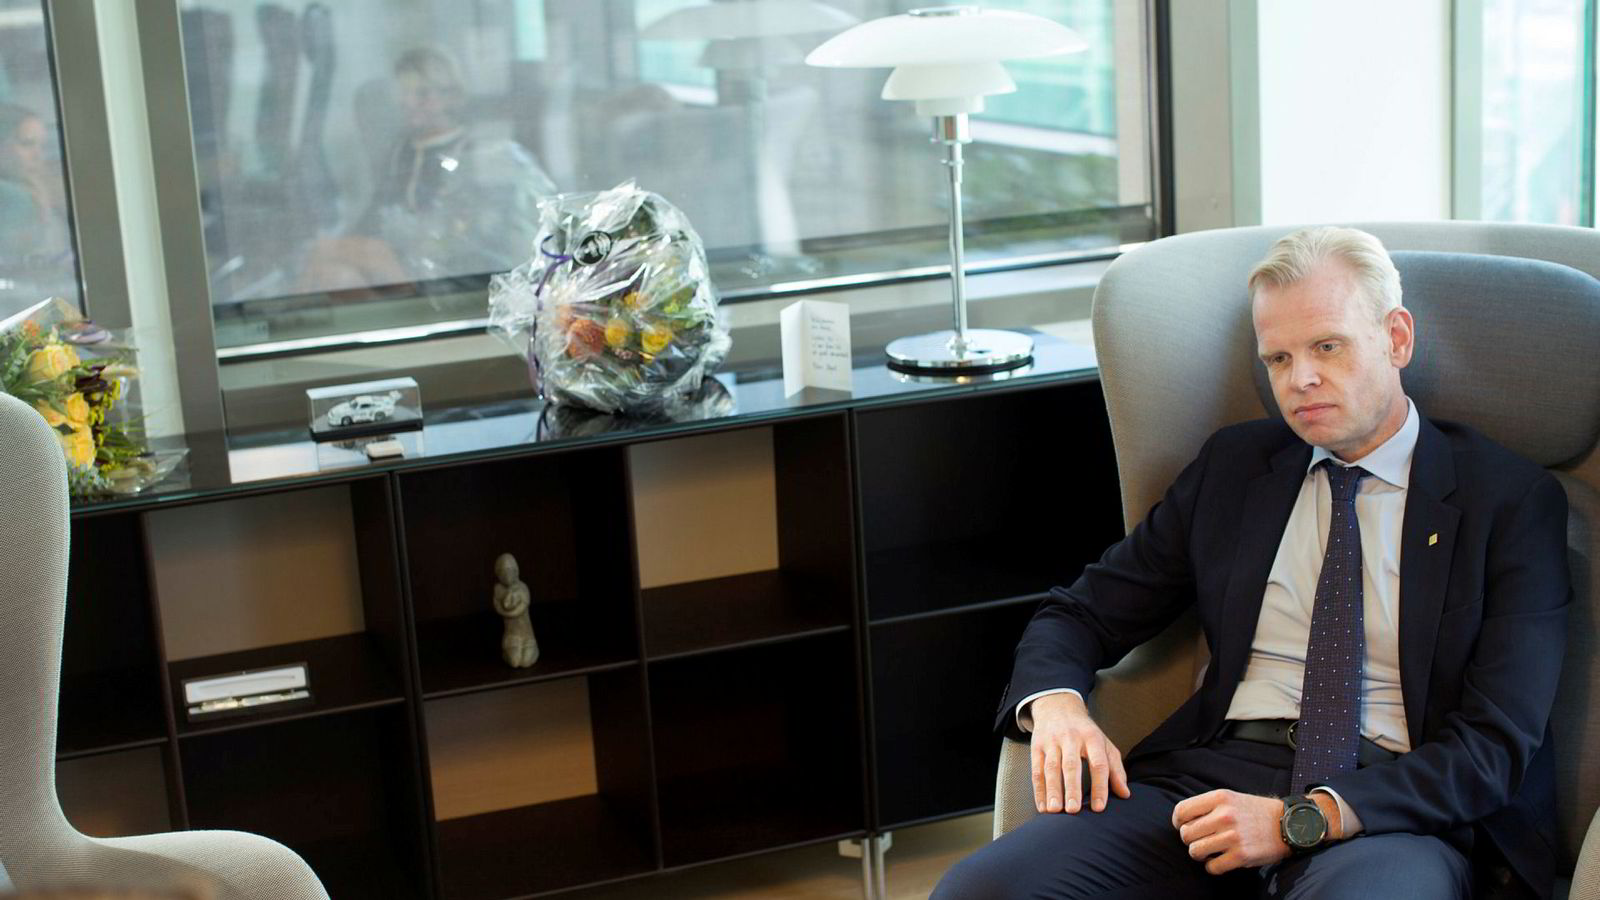 Yara og konsernsjef Svein Tore Holsether når ikke opp til analytikernes forventninger i tredje kvartal.